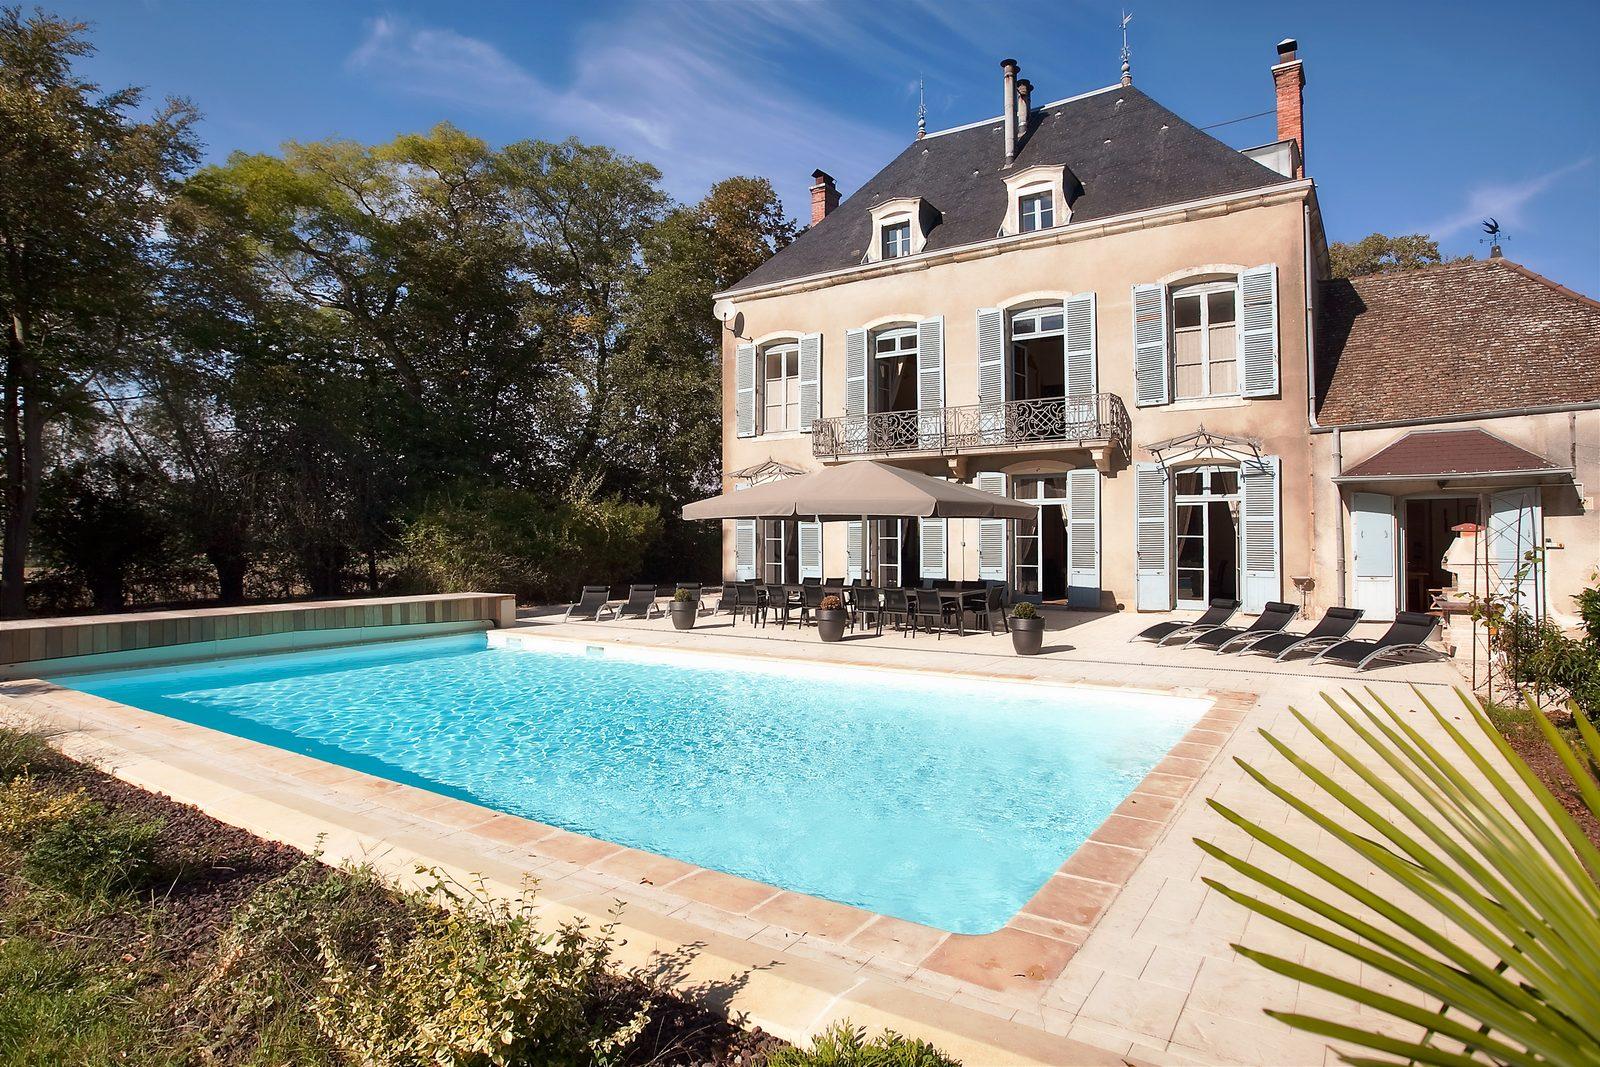 Vakantiehuizen met verwarmd zwembad